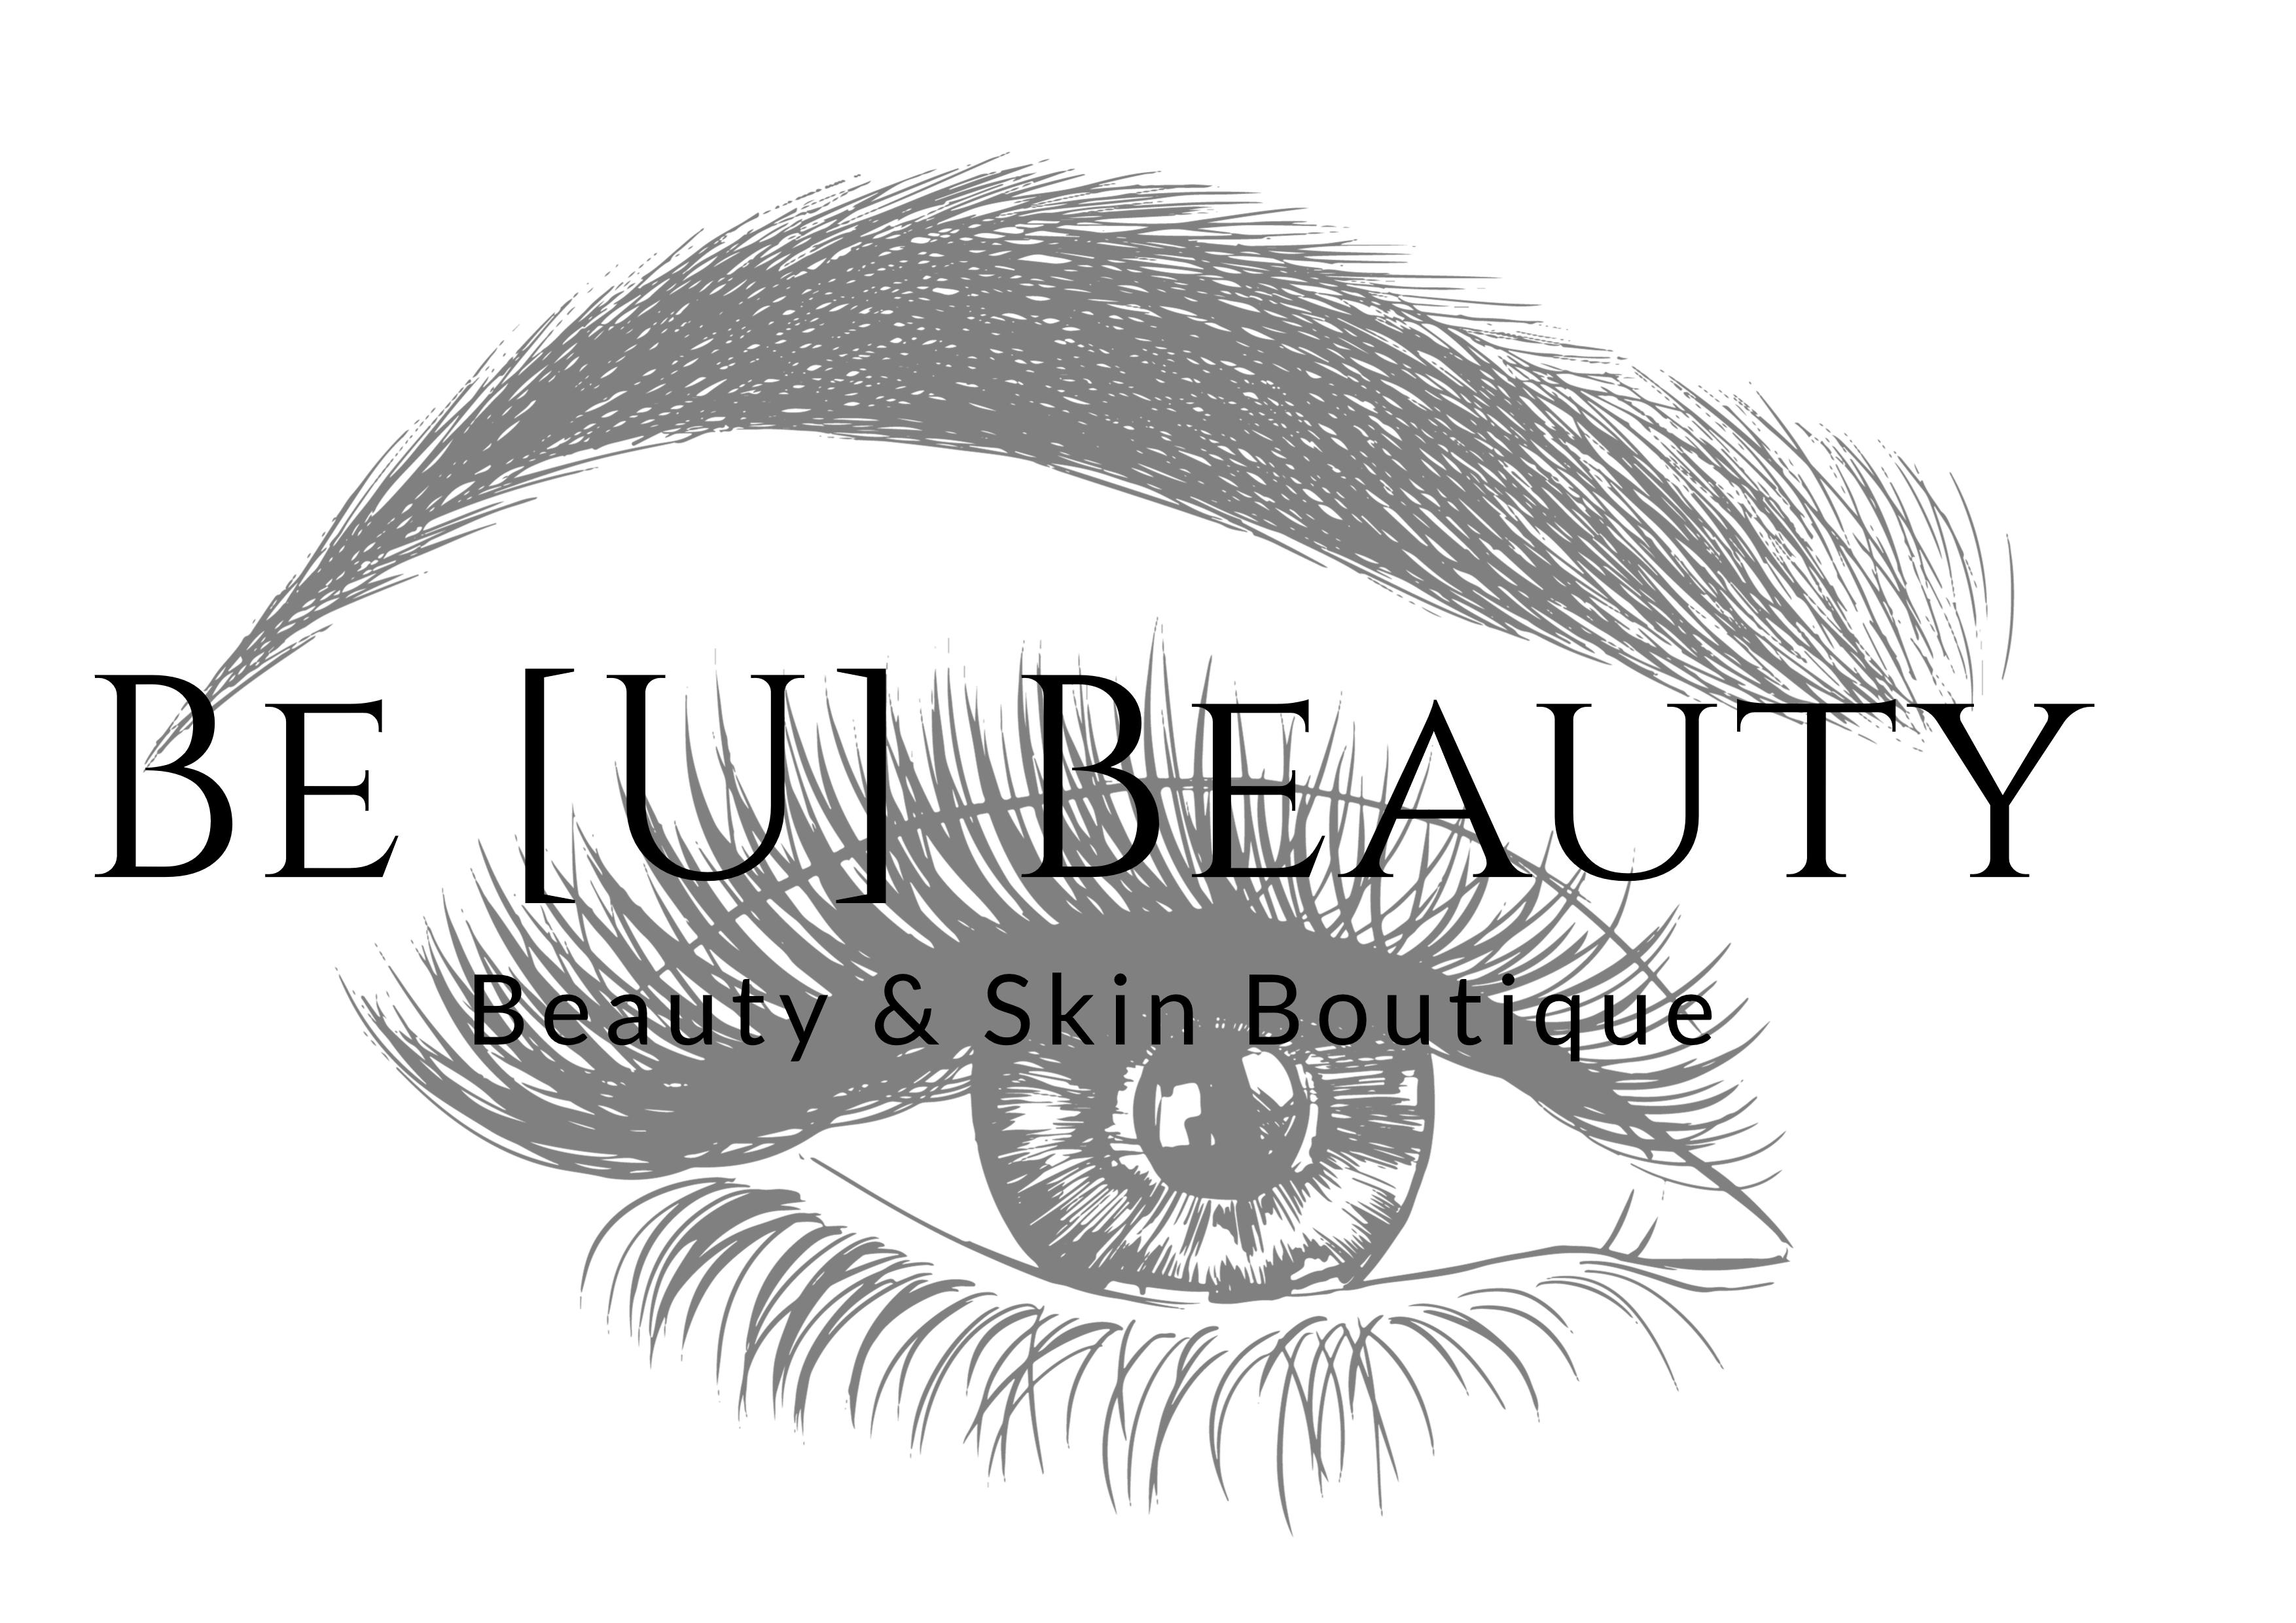 Be U Beauty